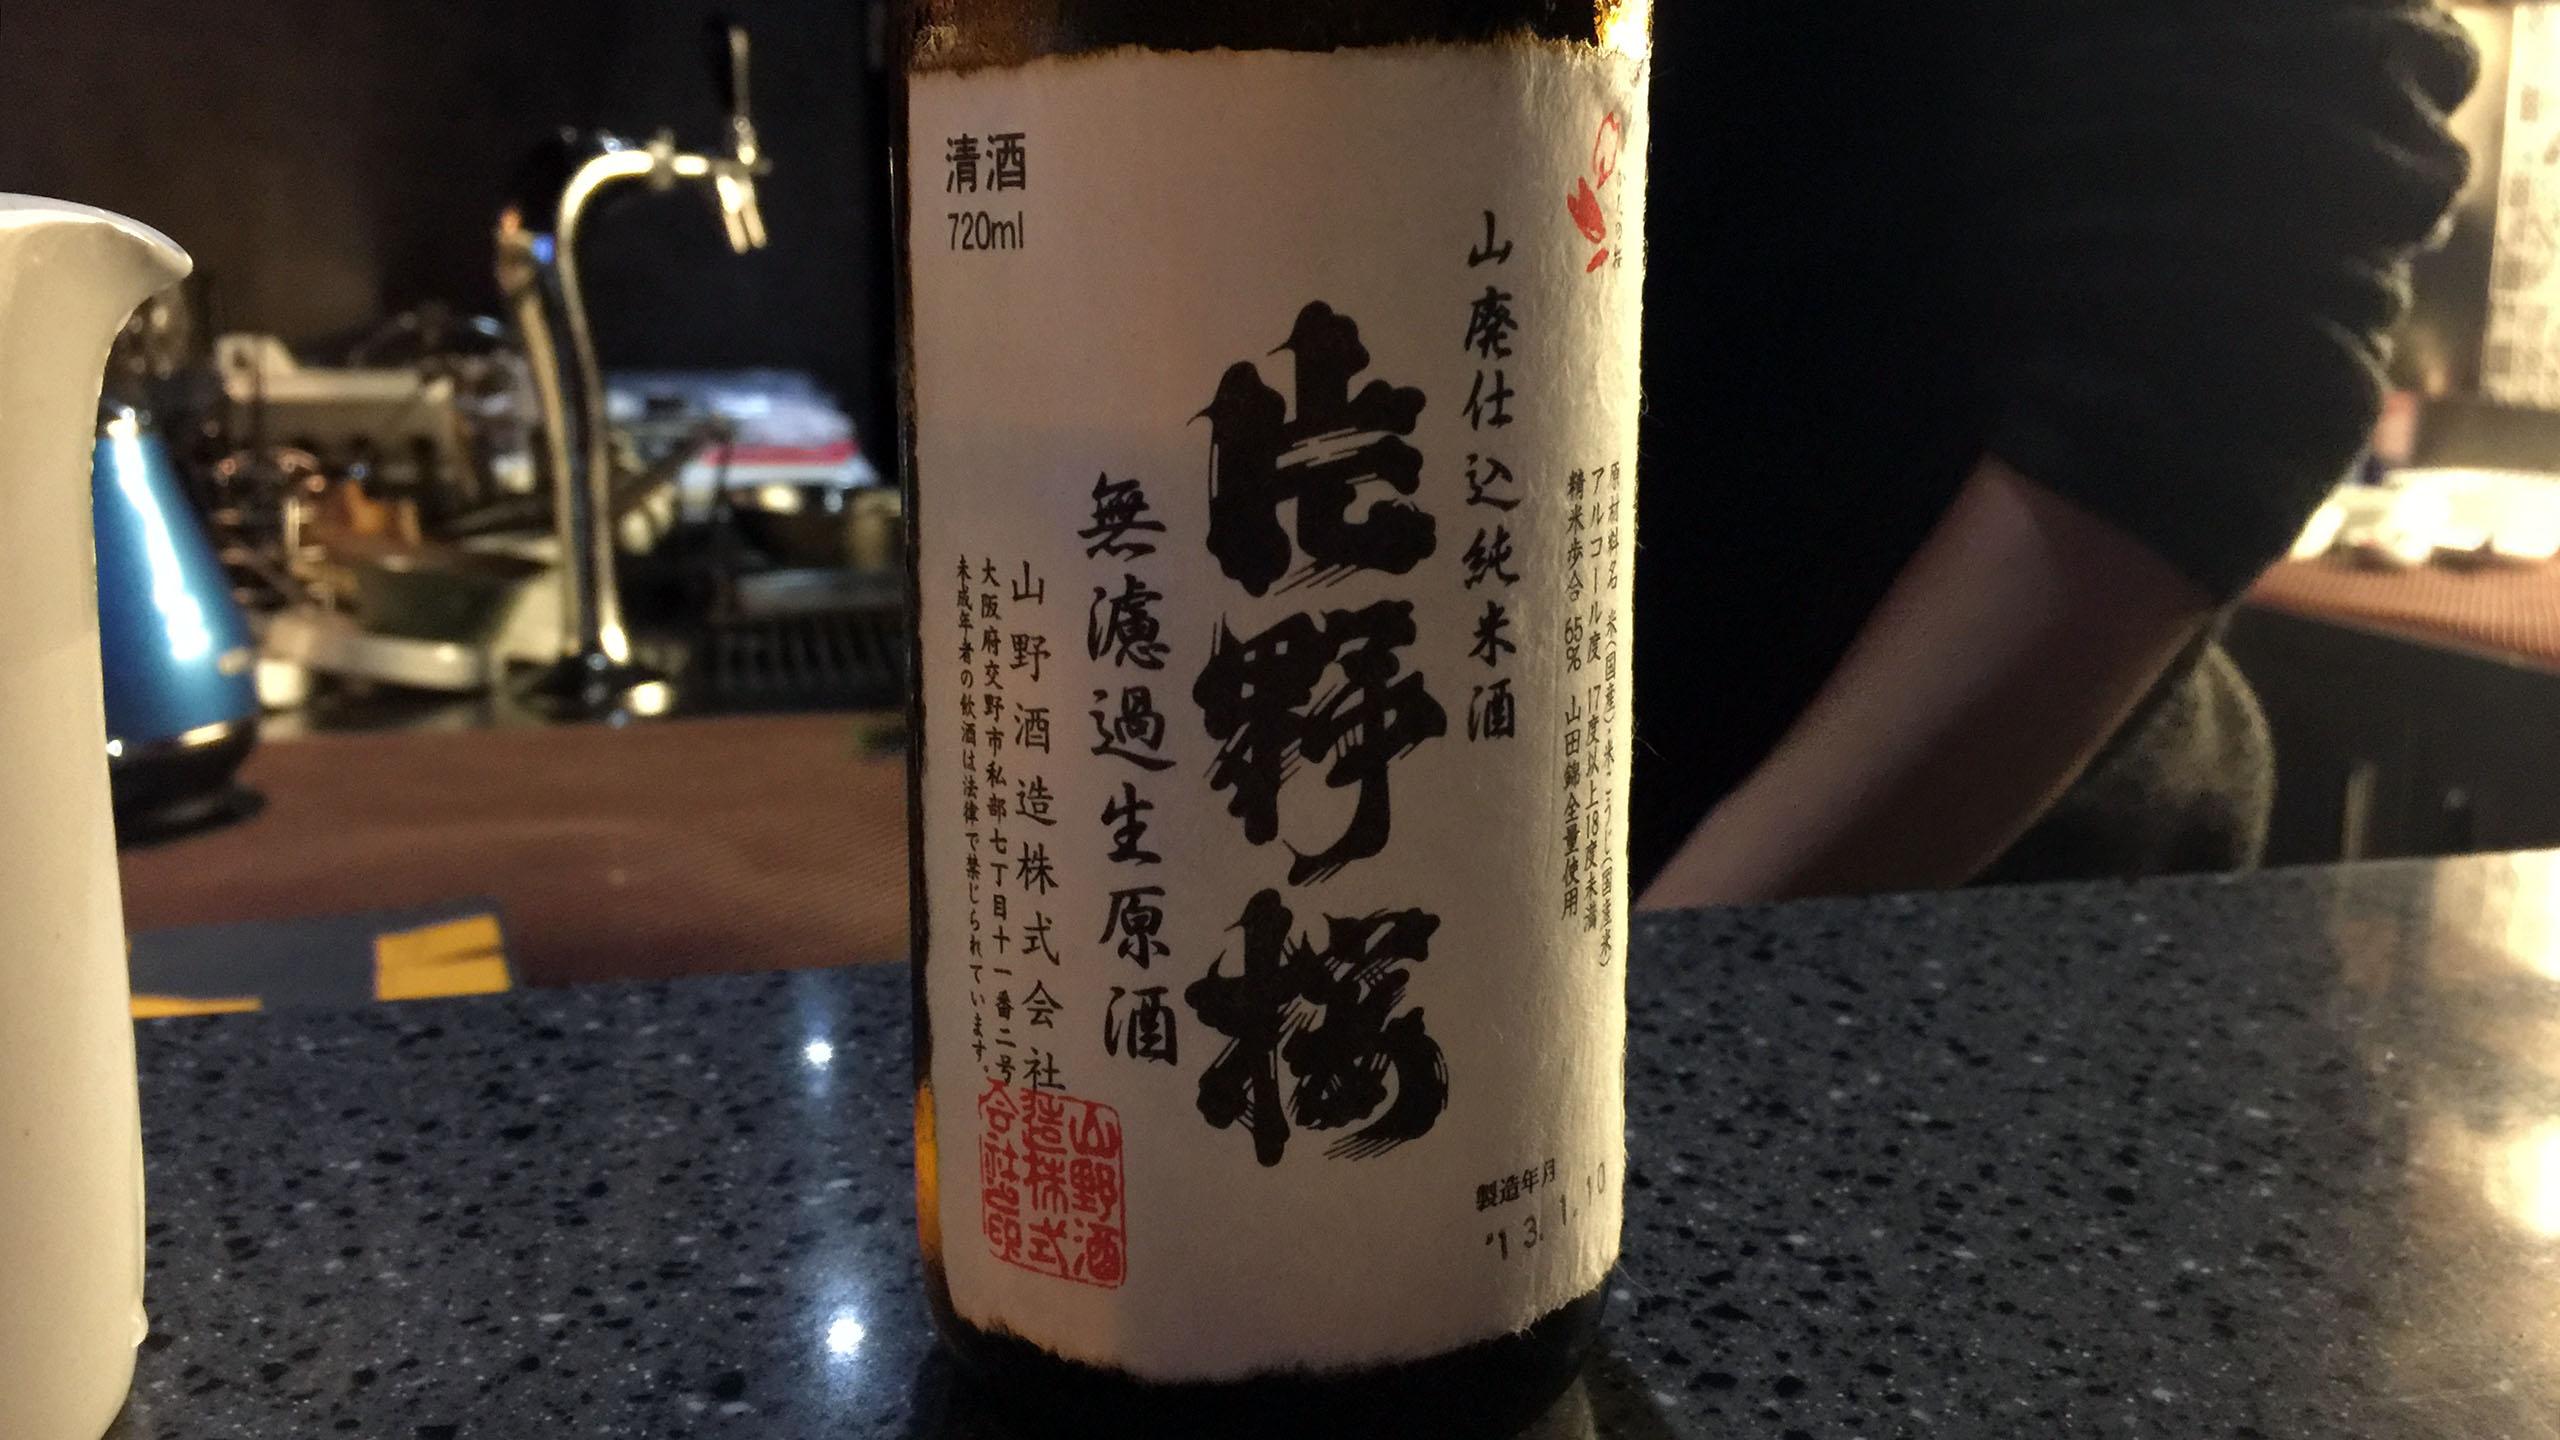 카타노사쿠라 야마하이 쥰마이 무로카나마겐슈